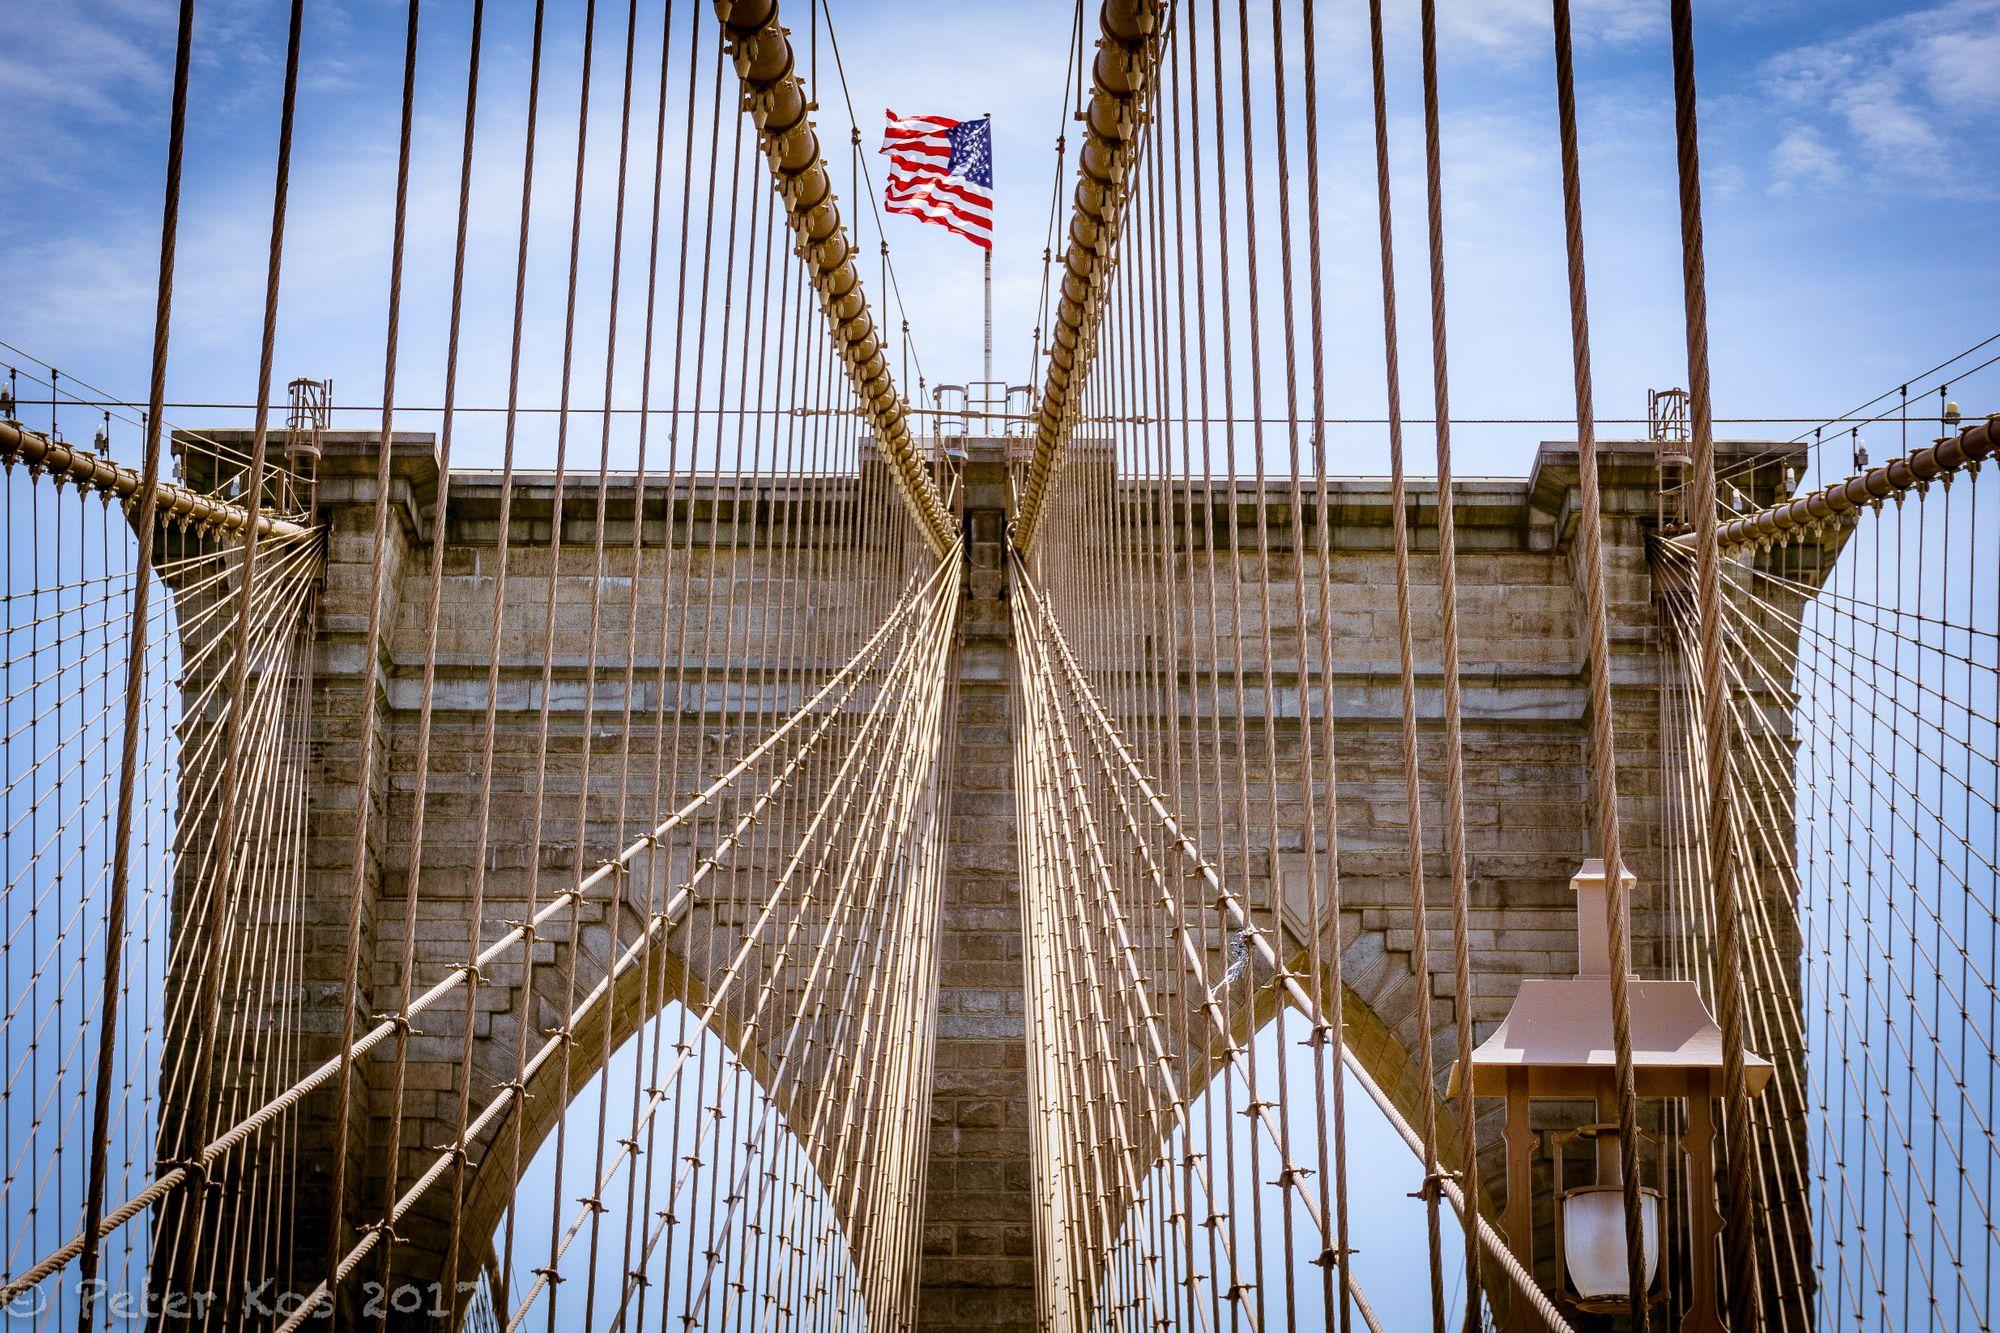 Brooklyn Bridge; 2017, NYC, USA. © Peter Kos